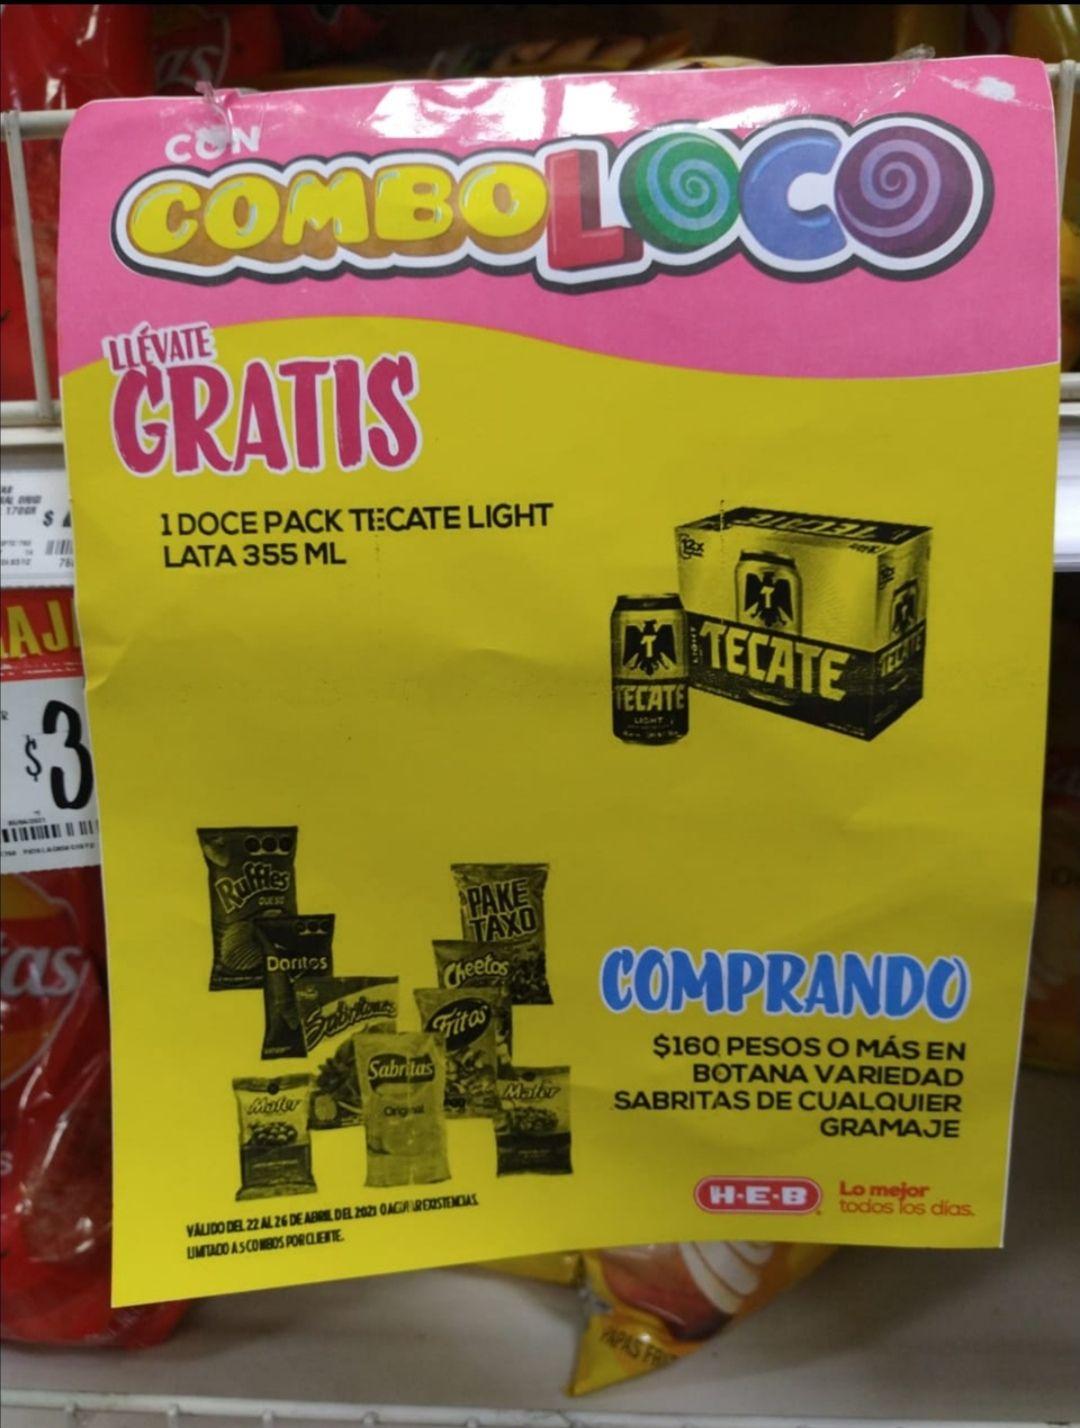 HEB: Combo loco 12 Pack Tecate GRATIS en compra de $160 Sabritas